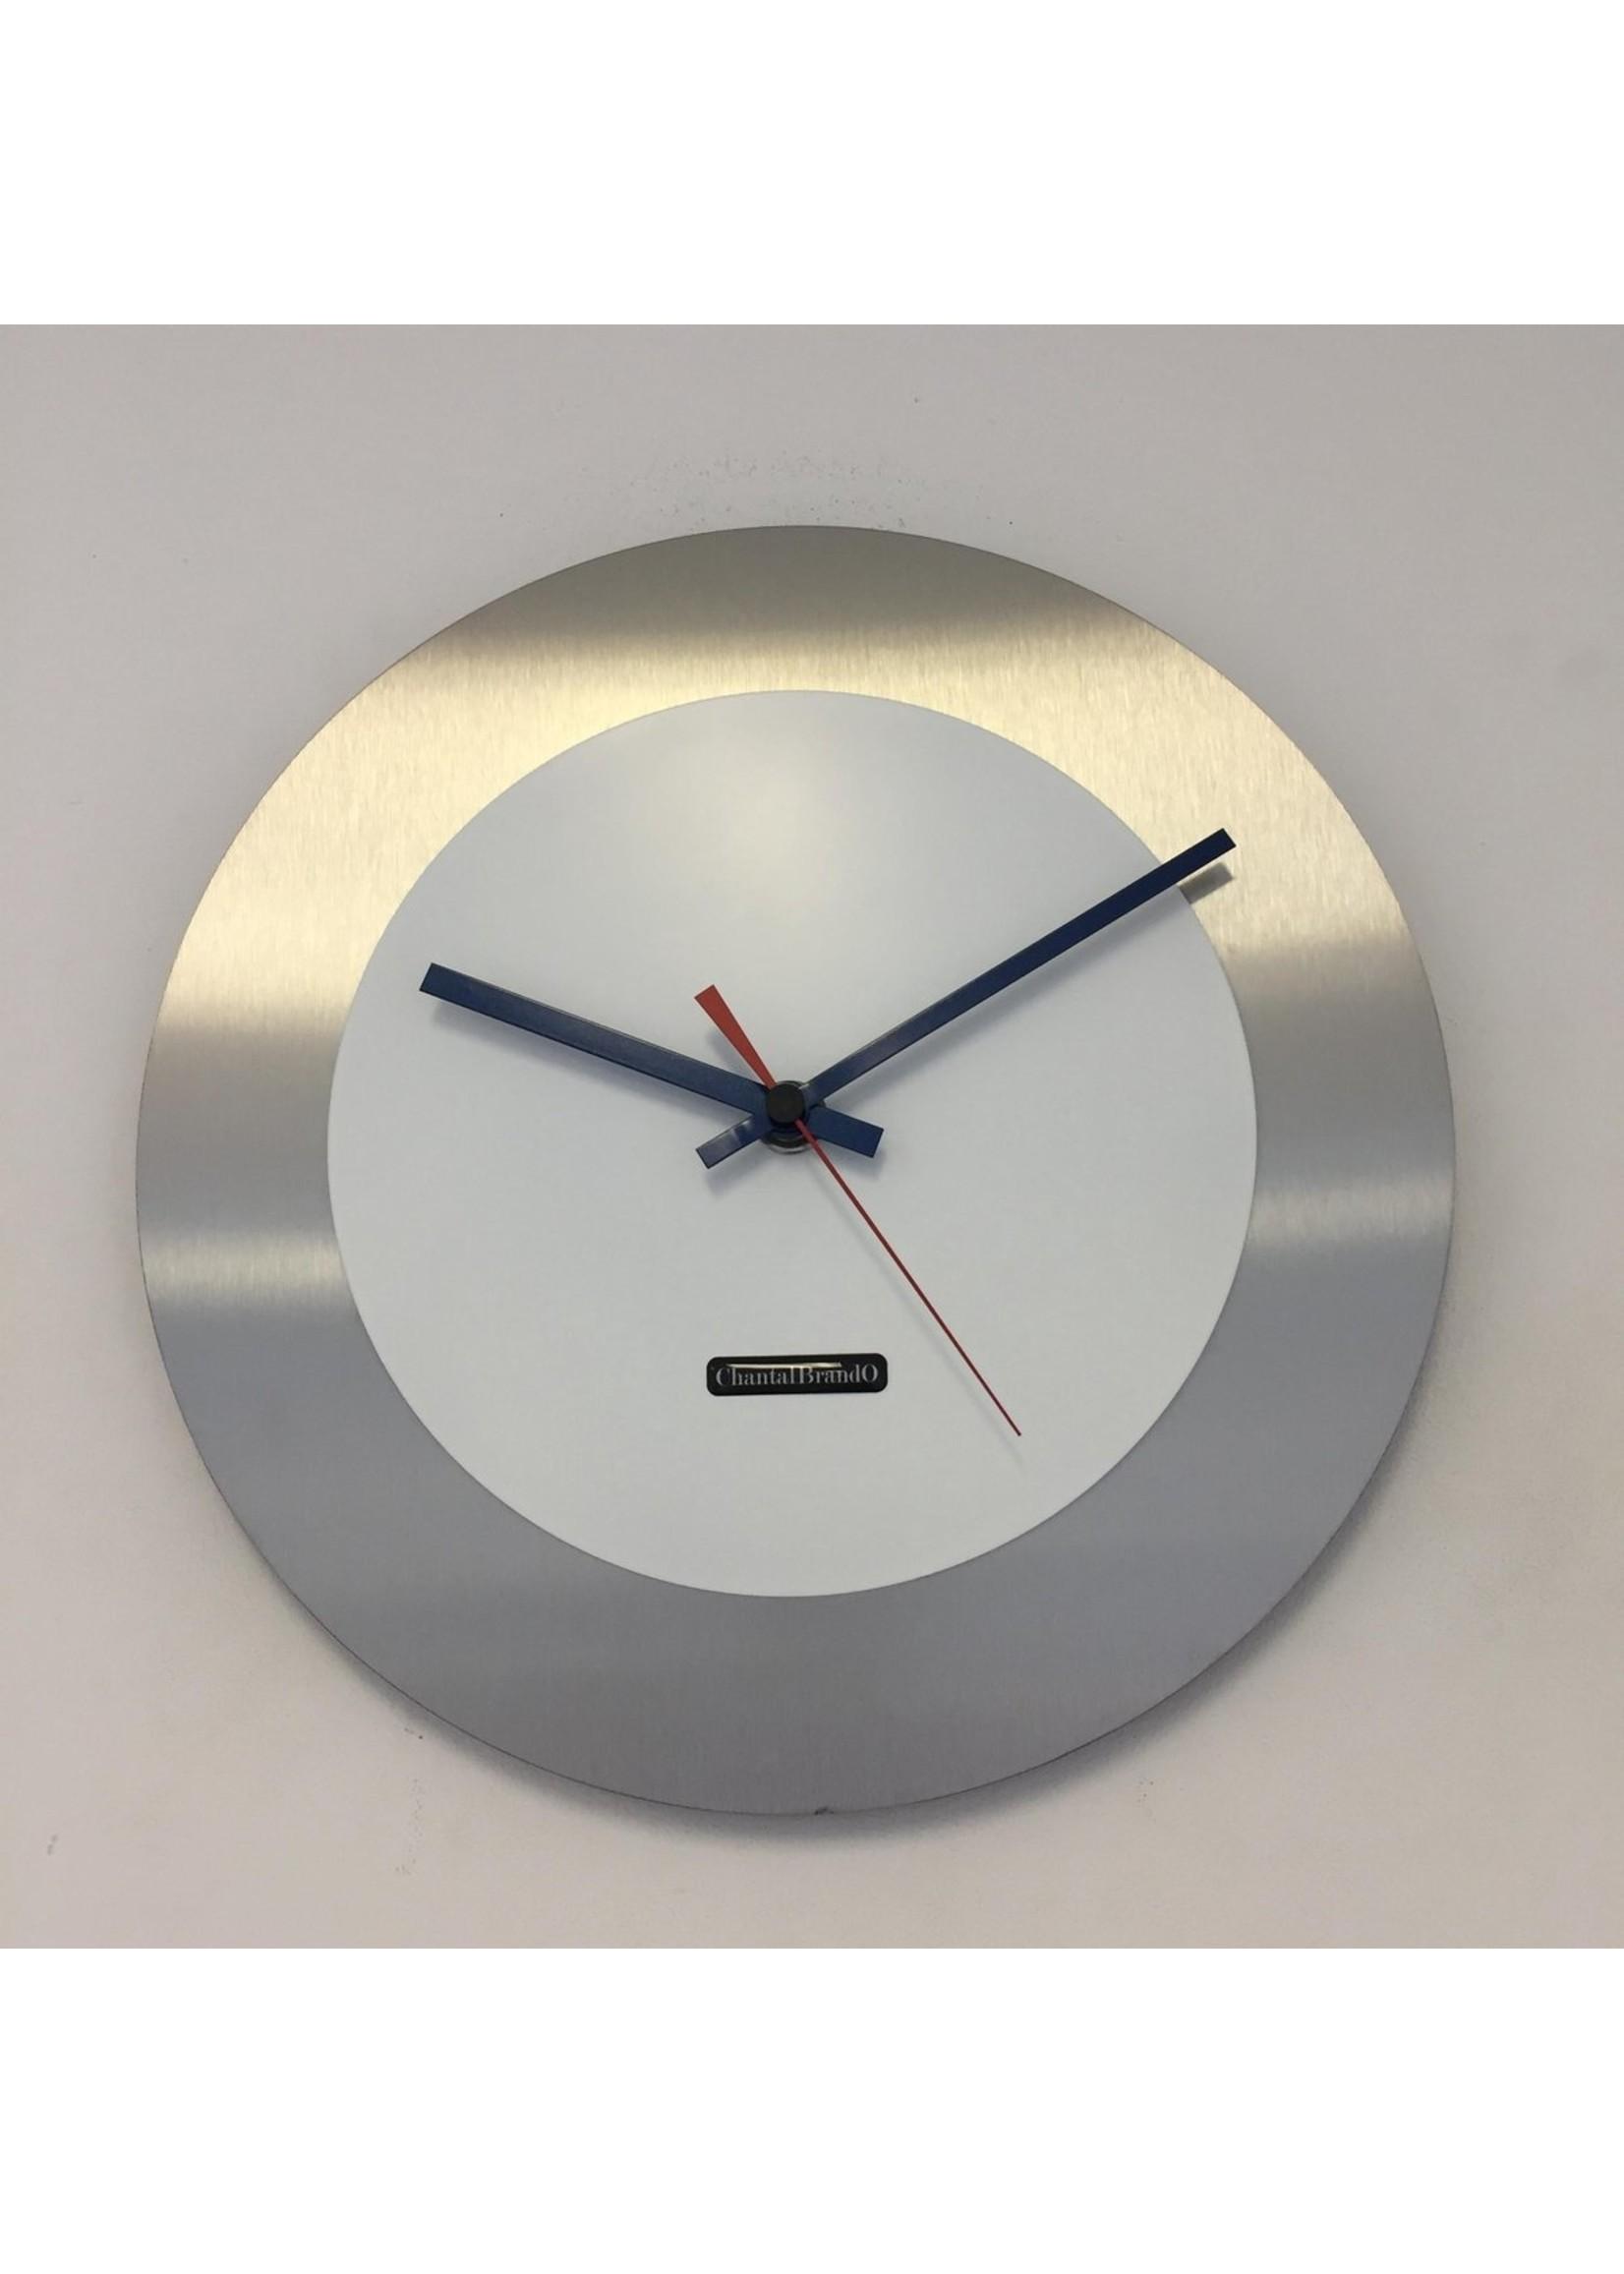 ChantalBrandO WANDKLOK - Stil uurwerk – Handgemaakt – CHANTALBRANDO FIRENZE WHITE24 -- BLUE & RED POINTERS -- MODERN DESIGN